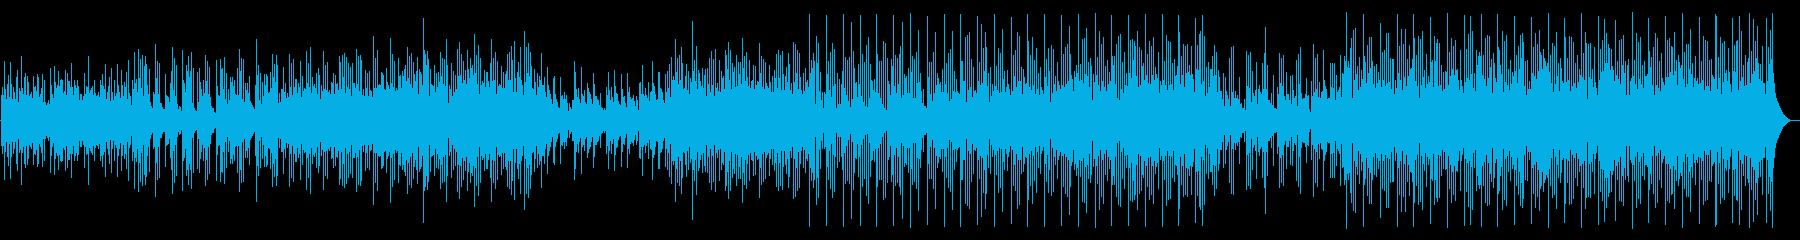 素敵なピアノとマンドリンのメロディ...の再生済みの波形